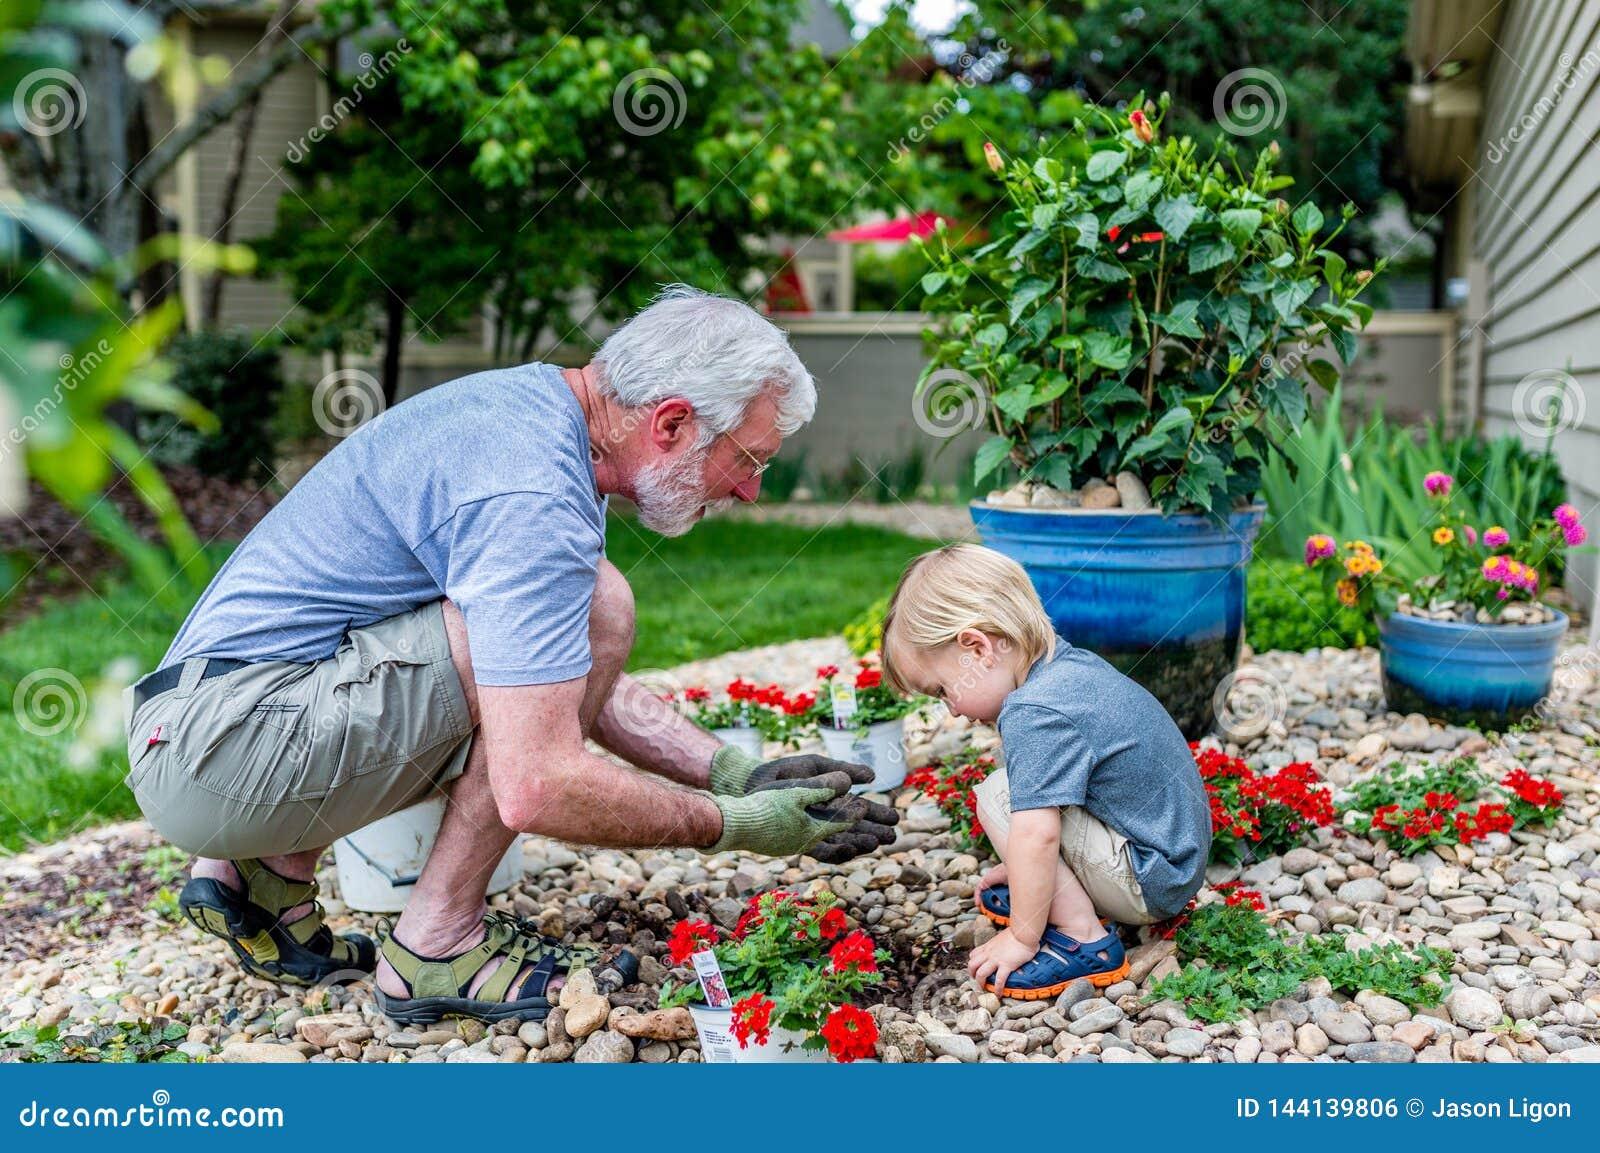 Le grand-père et le petit-fils passent le temps plantant ensemble des fleurs dans le jardin